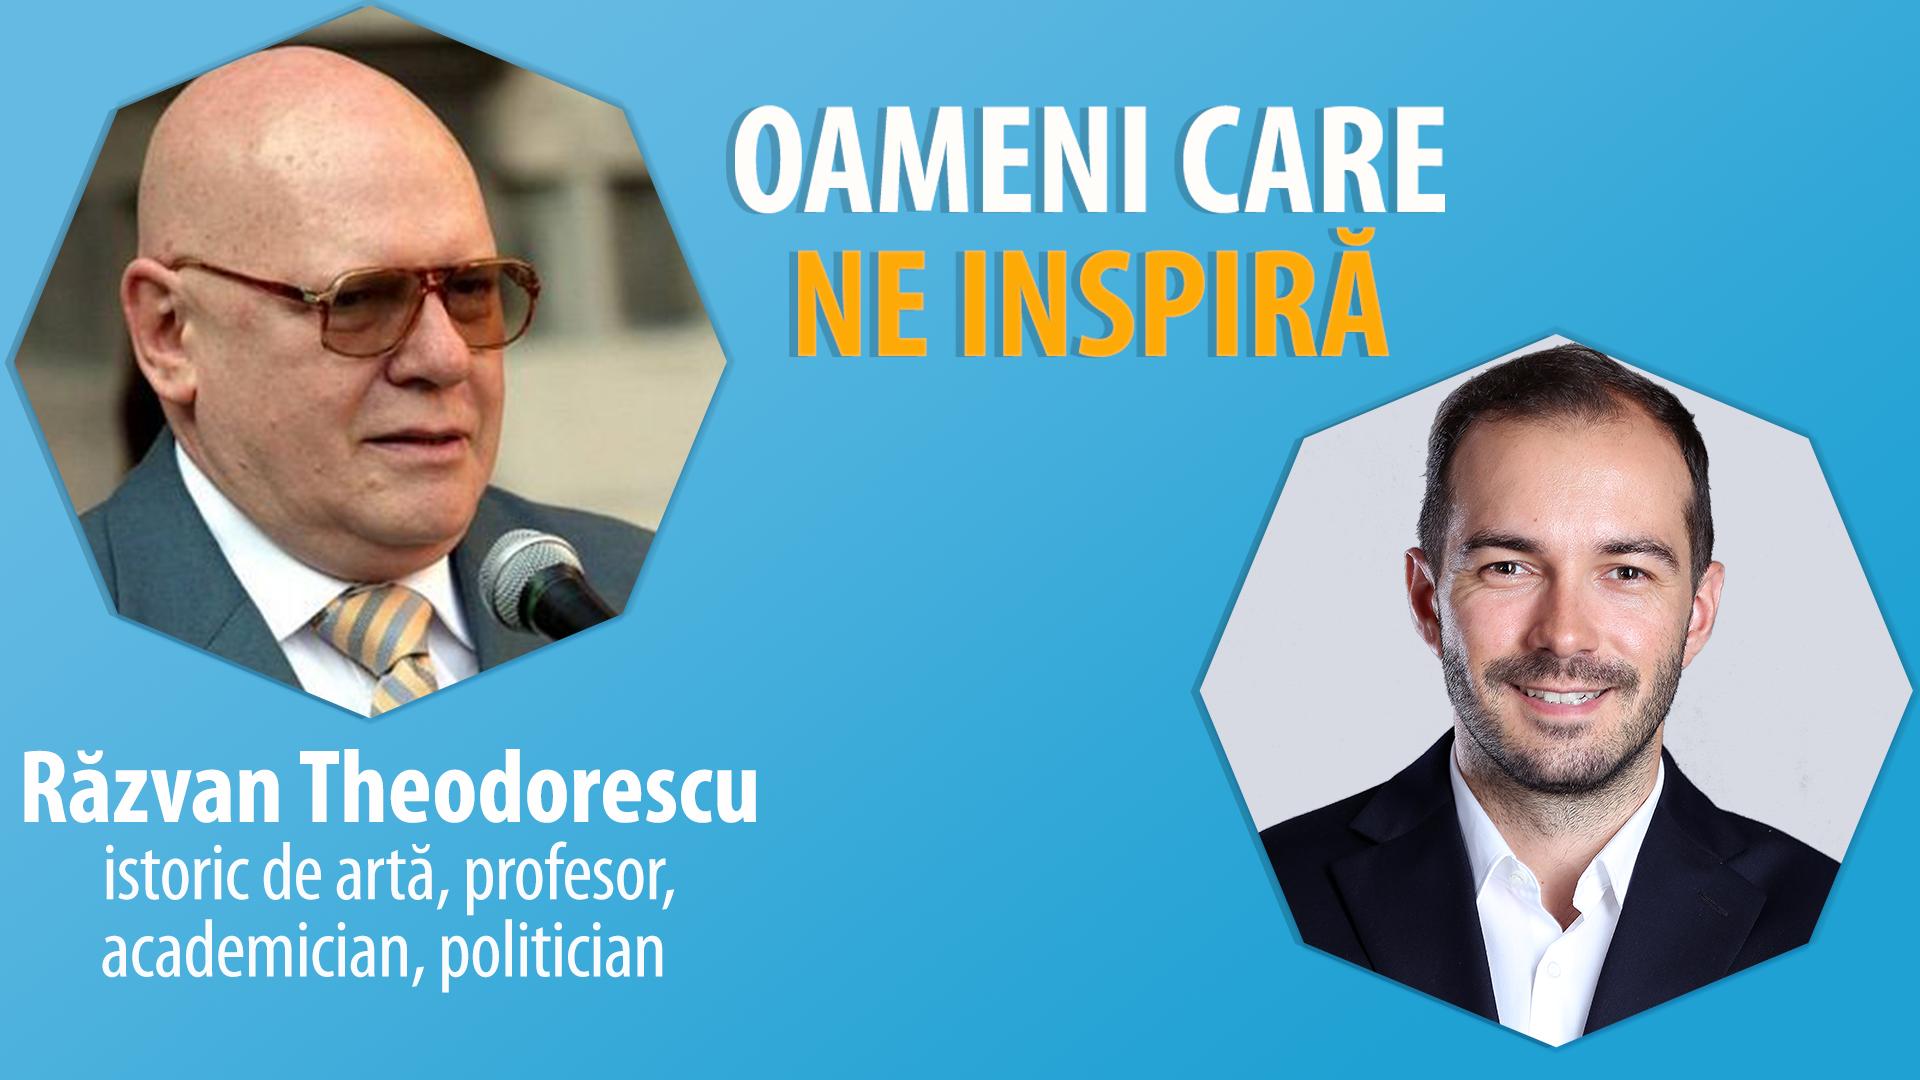 Interviu Cu Razvan Theodorescu – Istoric De Arta, Profesor Academician – #OameniCareNeInspira